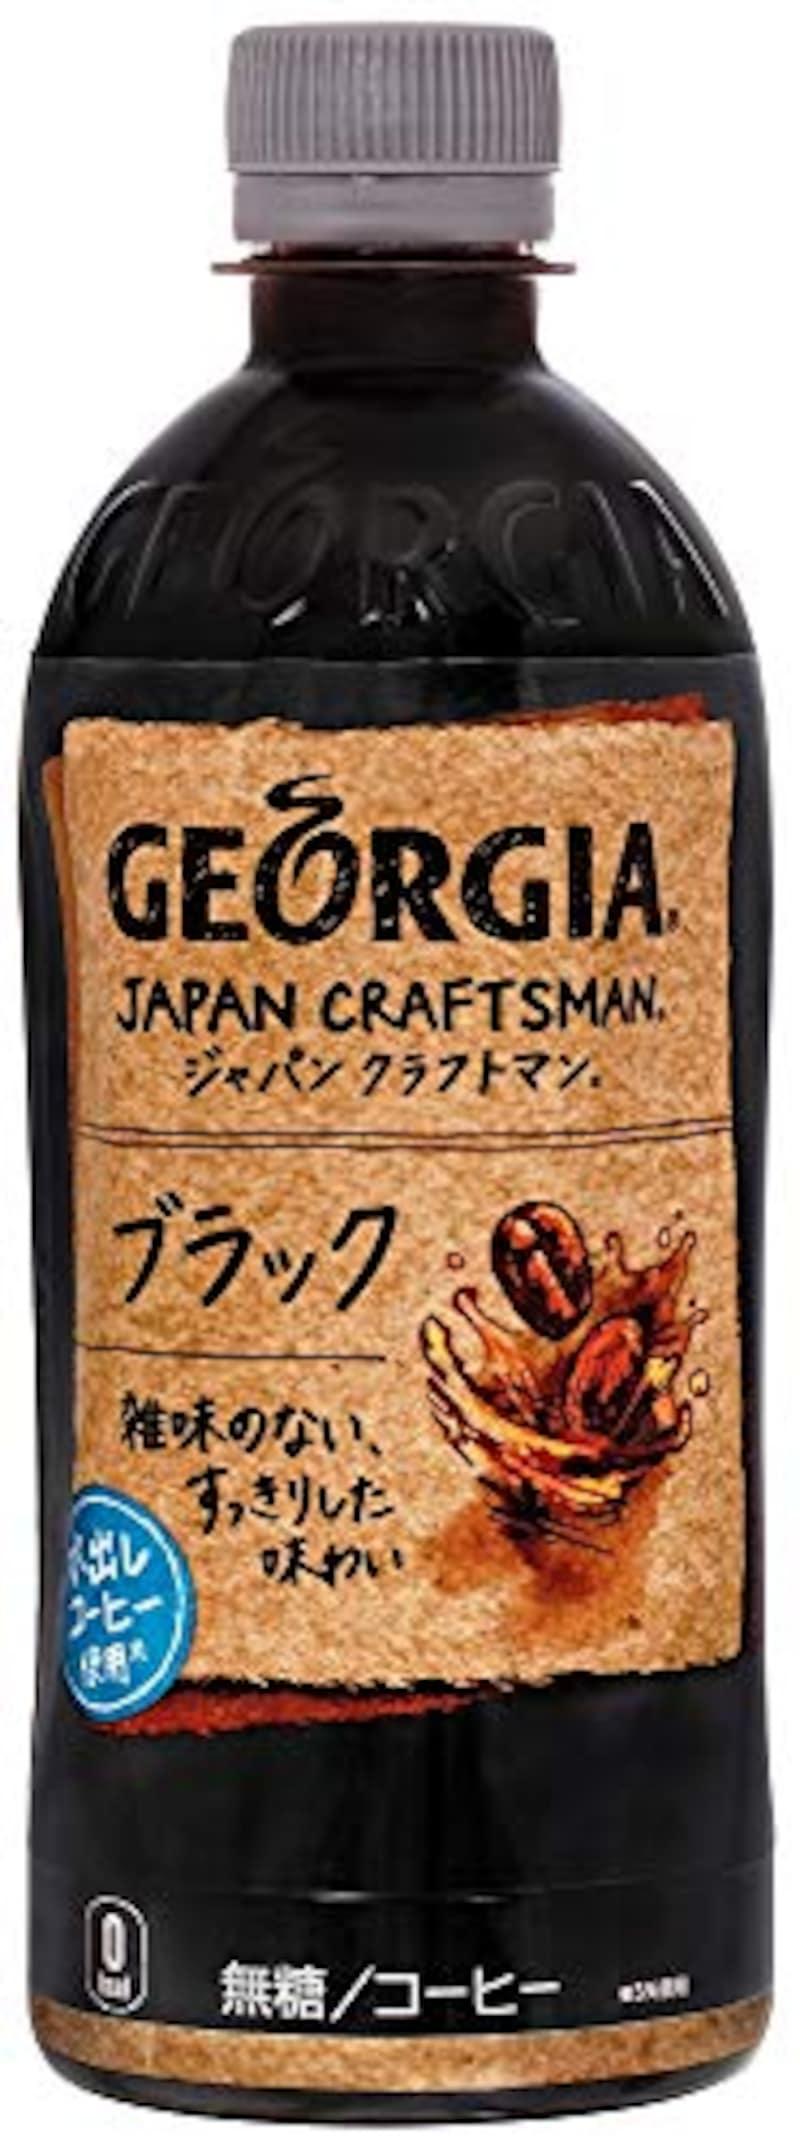 コカ・コーラ,ジョージア ジャパン クラフトマン ブラック 500ml×24本,4902102127257